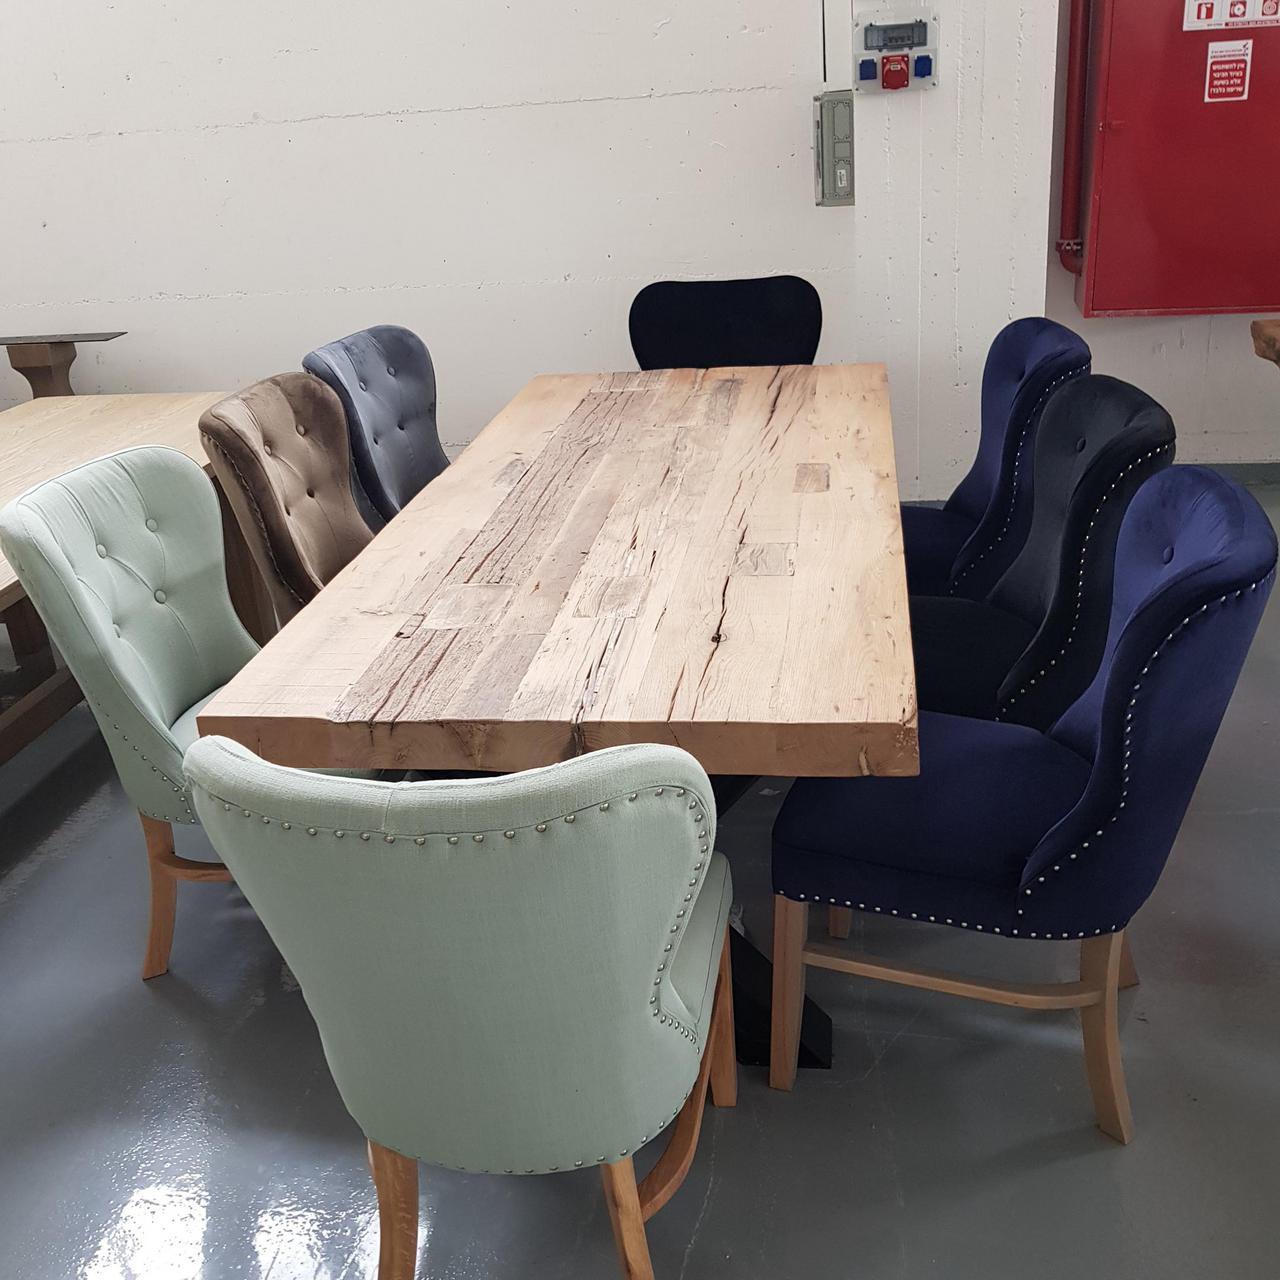 Chair Center   Otsma Street 15 Tirat Carmel   Furniture Store   Easy